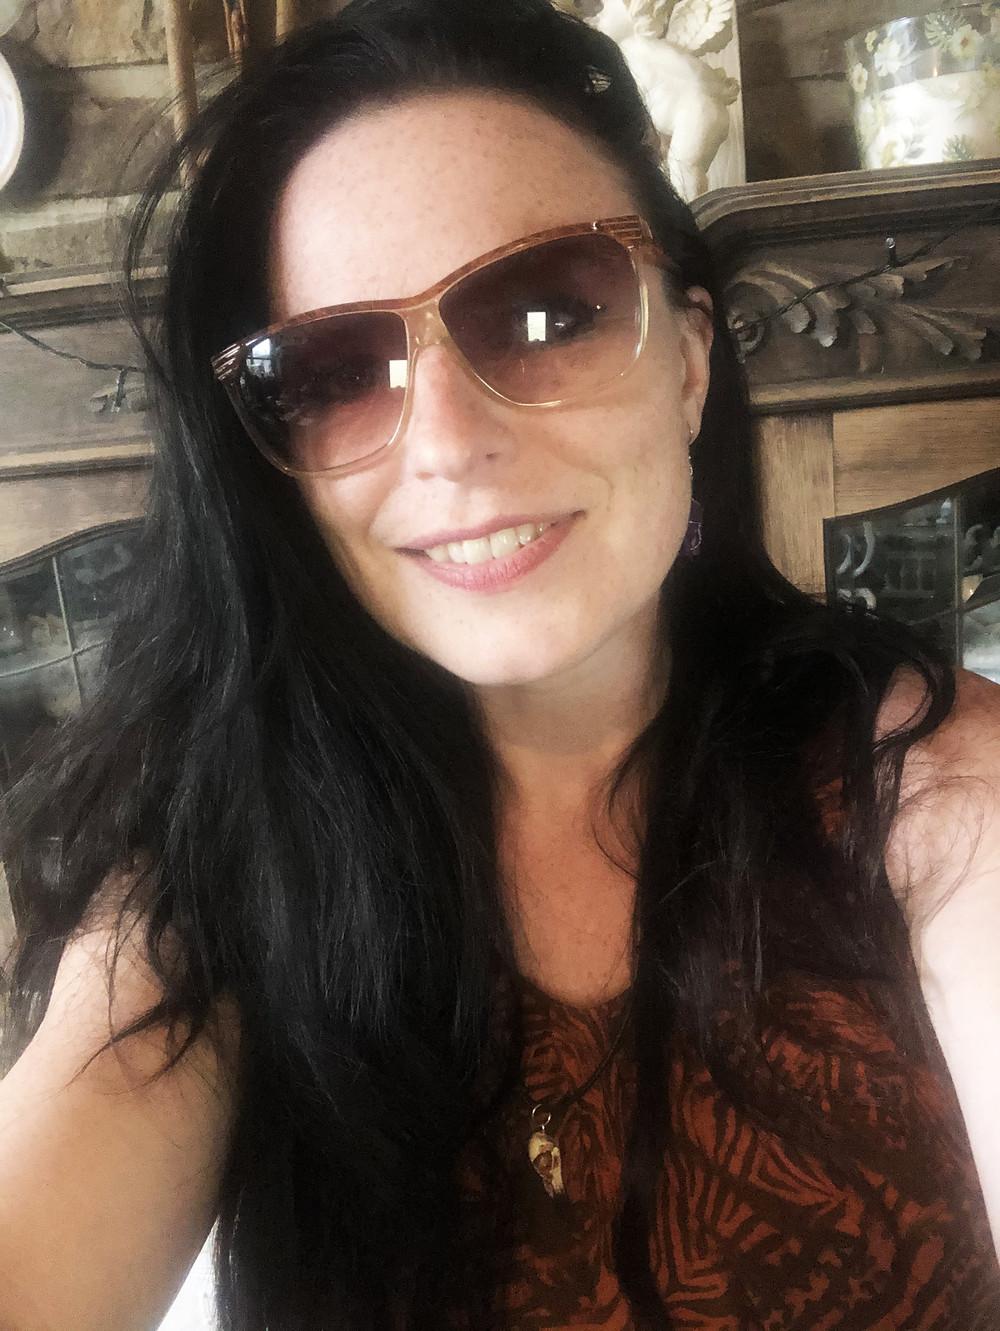 Photo de moi en train d'essayer une paire de lunettes de soleil... :p